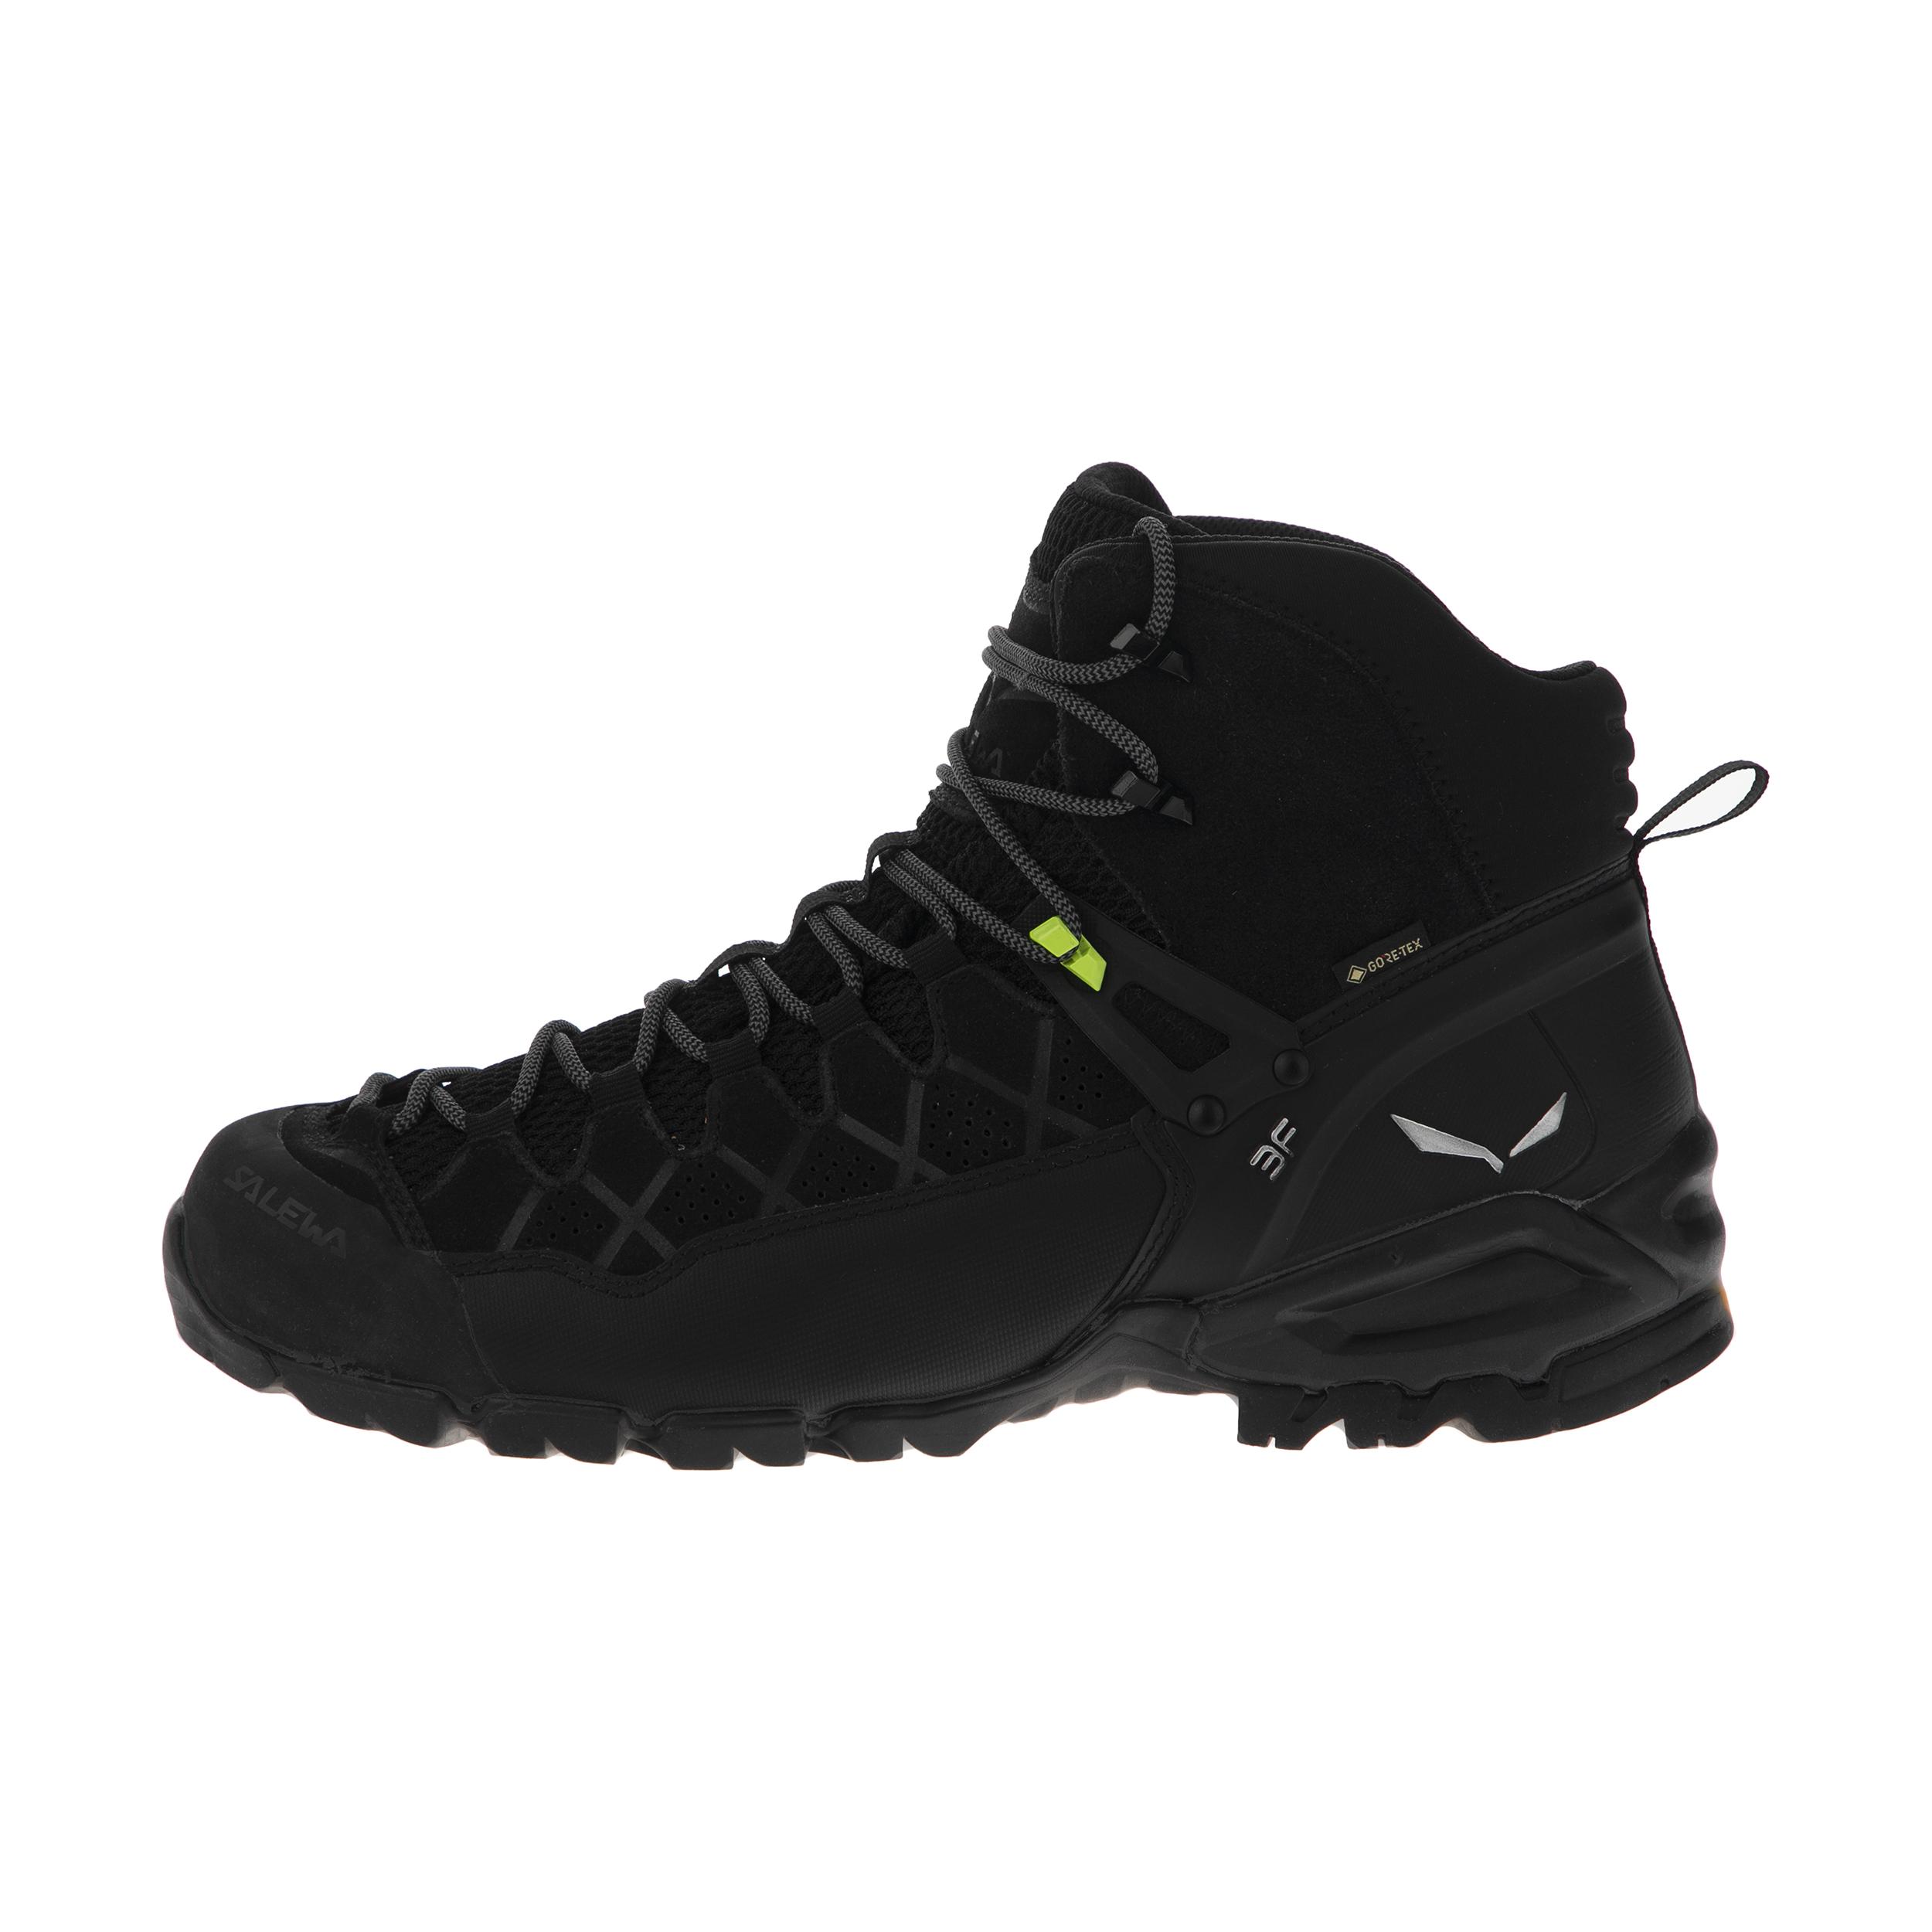 کفش کوهنوردی مردانه سالیوا مدل THE ALPINE FIT کد EM-5400